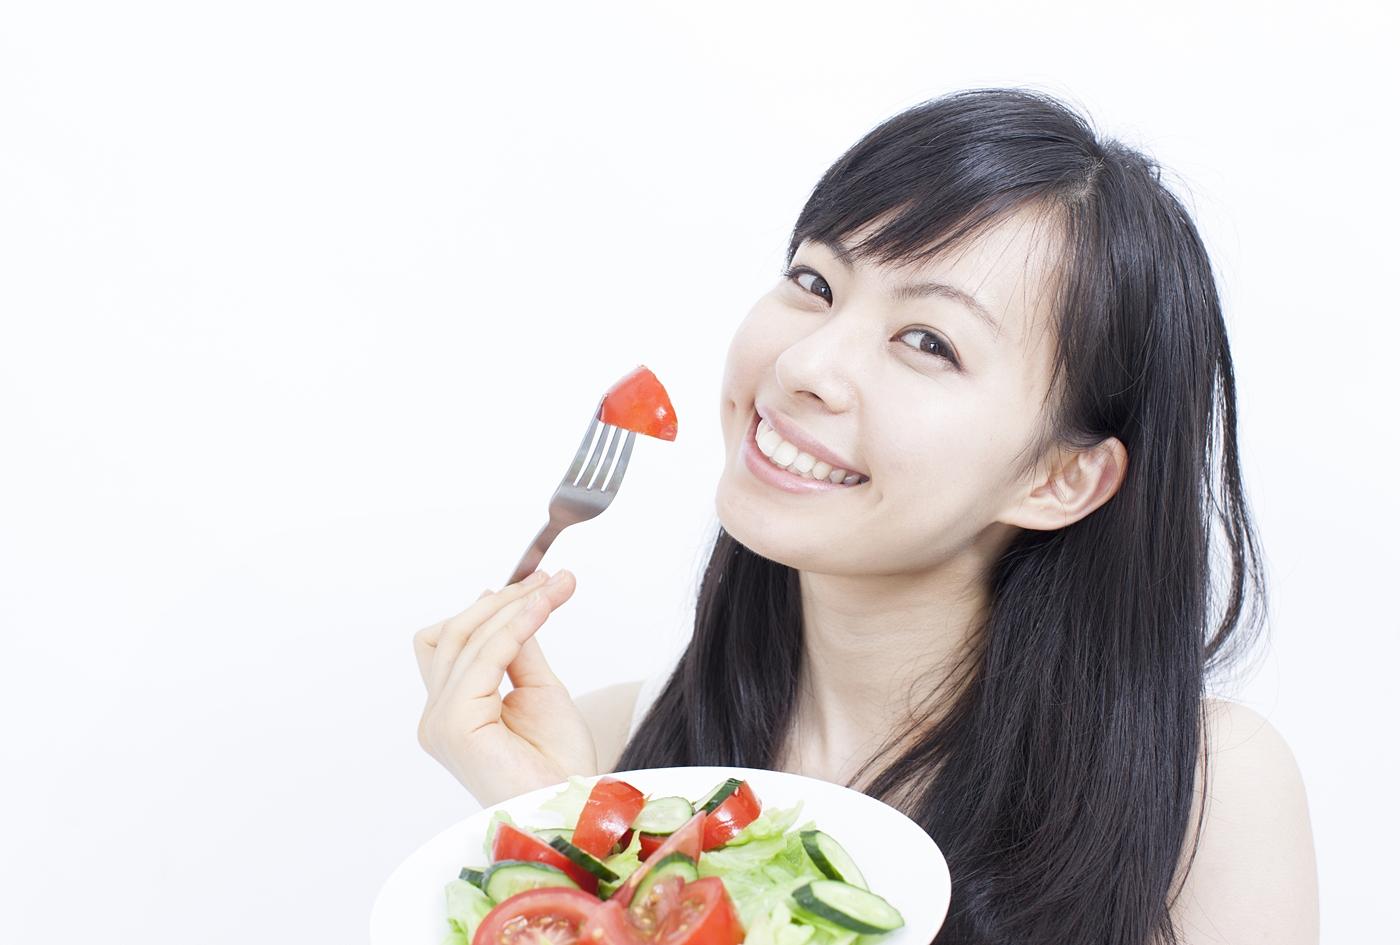 笑顔でサラダを食べる女性